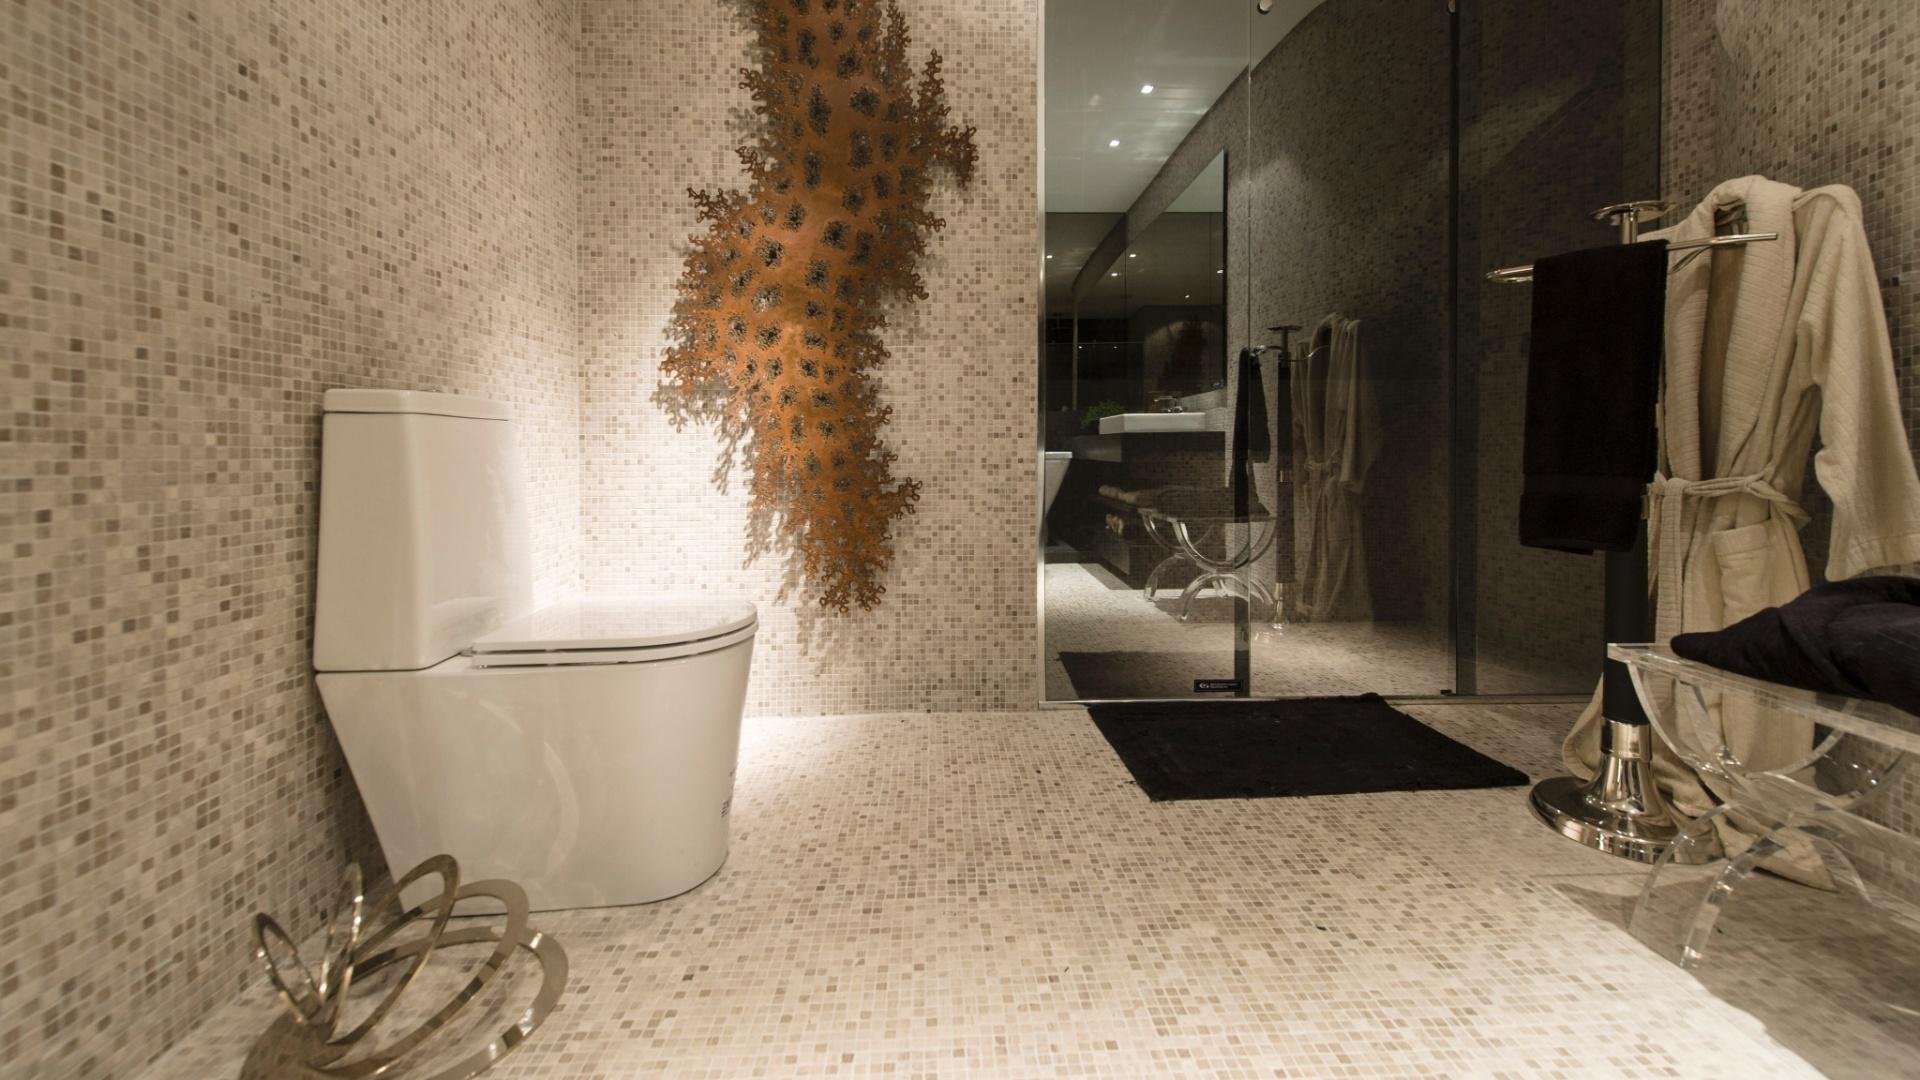 nas paredes e piso o revestimento em pastilhas de marmore com 4 mm de  #946137 1920x1080 Banheiro Com Uma Parede De Pastilha